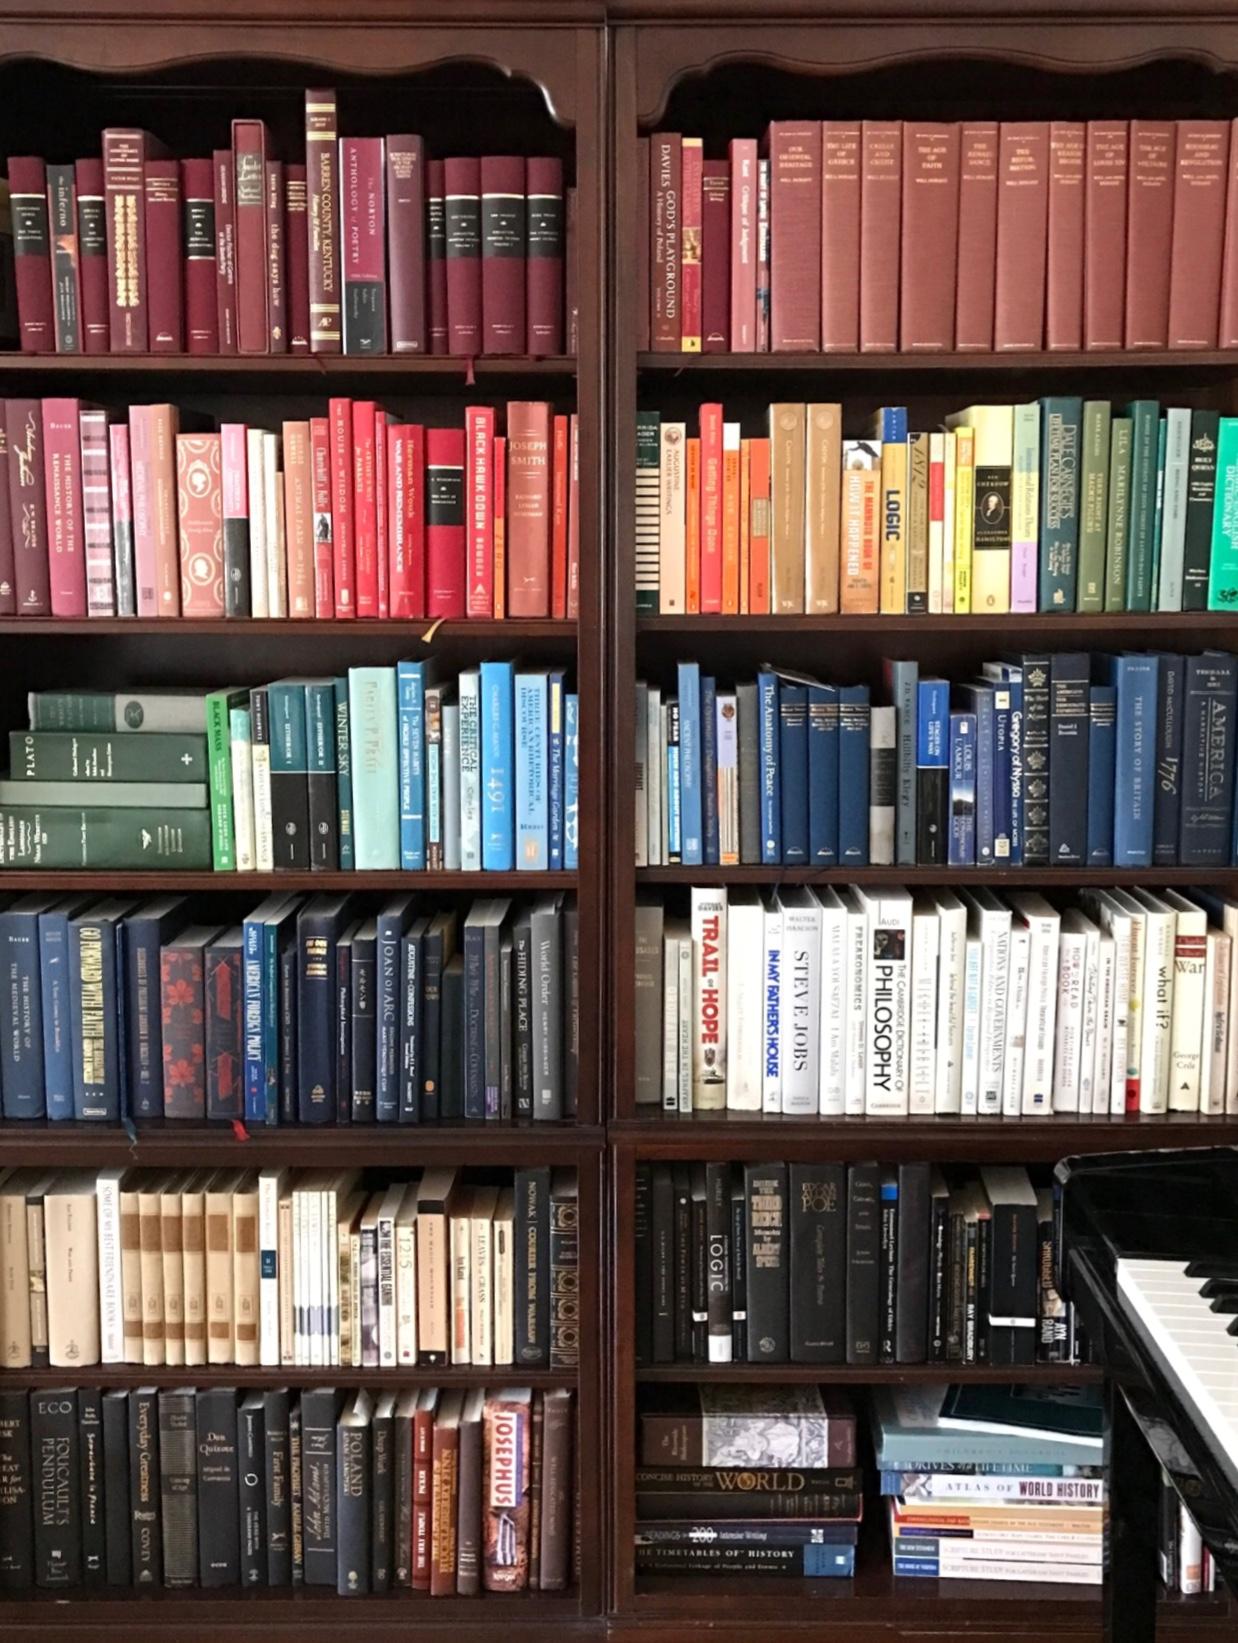 bookshelves-organized-by-color.jpg